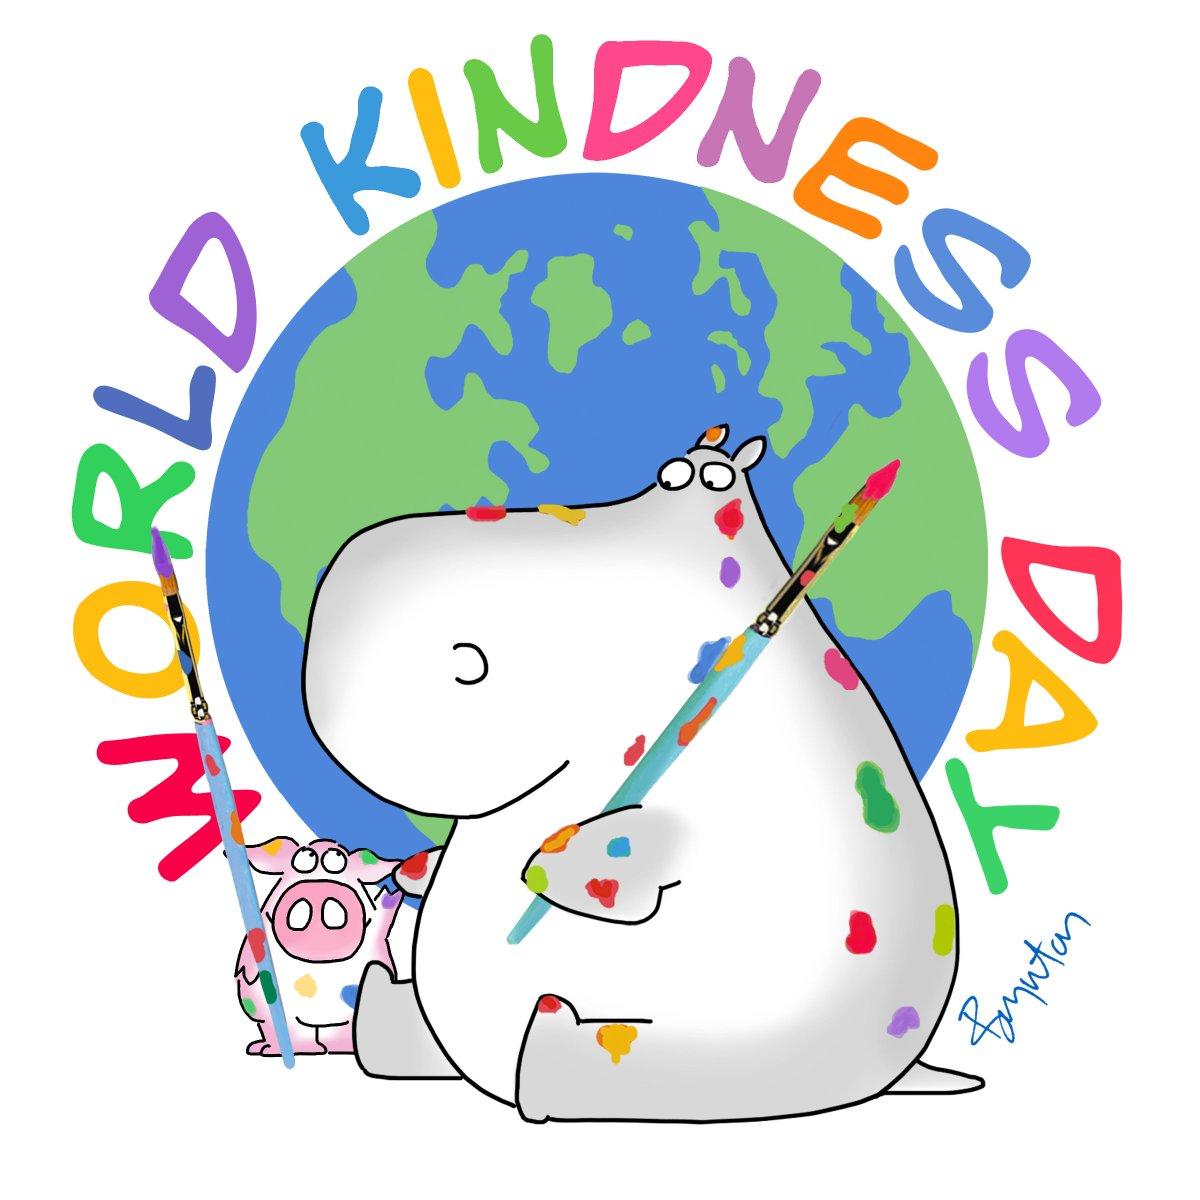 #WorldKindnessDay